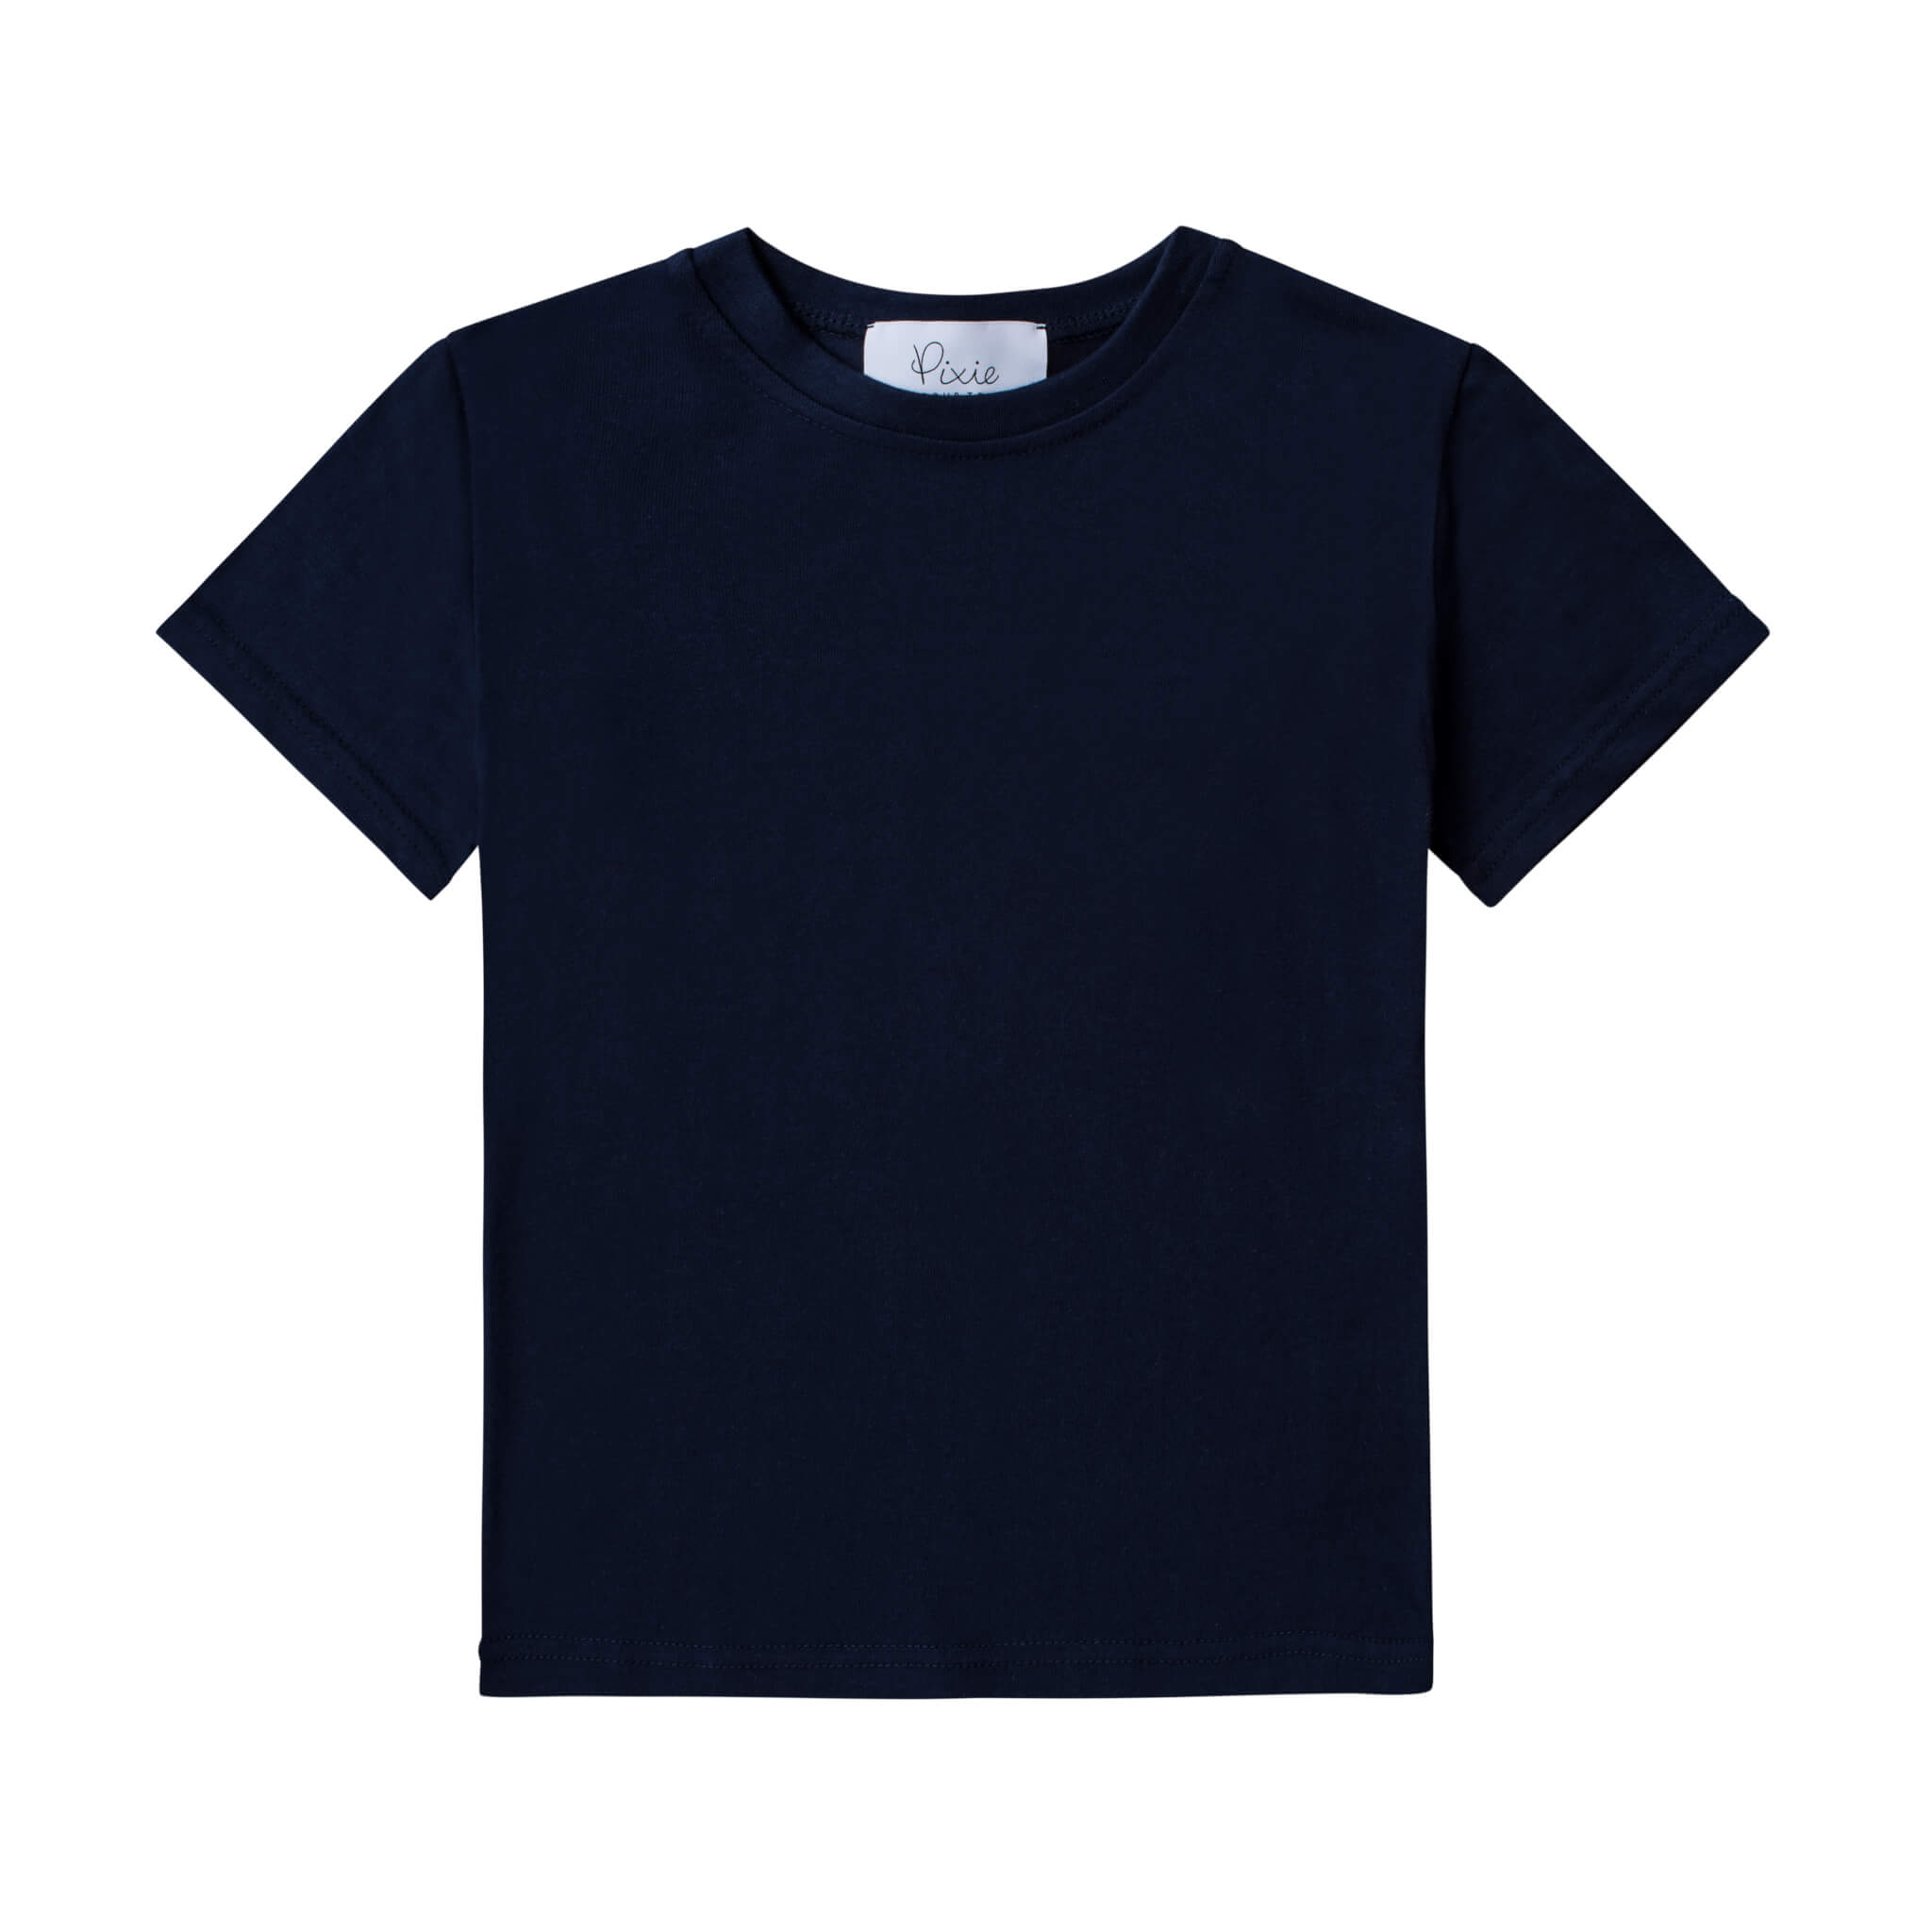 Stwórz własny t-shirt